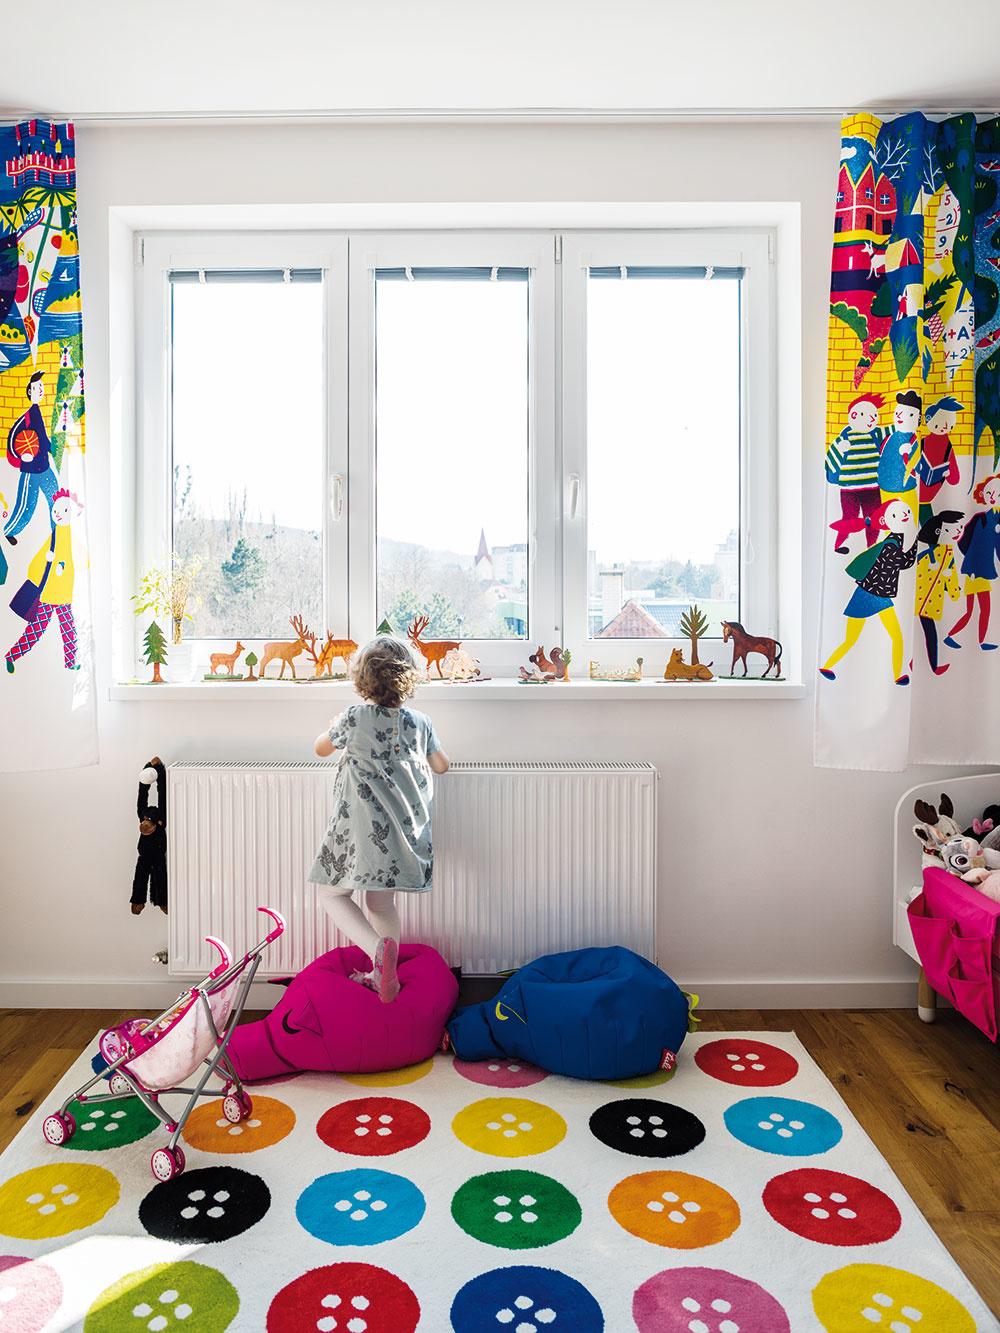 Detská izba je zatiaľ najmä priestrannou veselou herňou. Sťahovanie zdetských postieľok vrodičovskej spálni drobcov ešte len čaká.